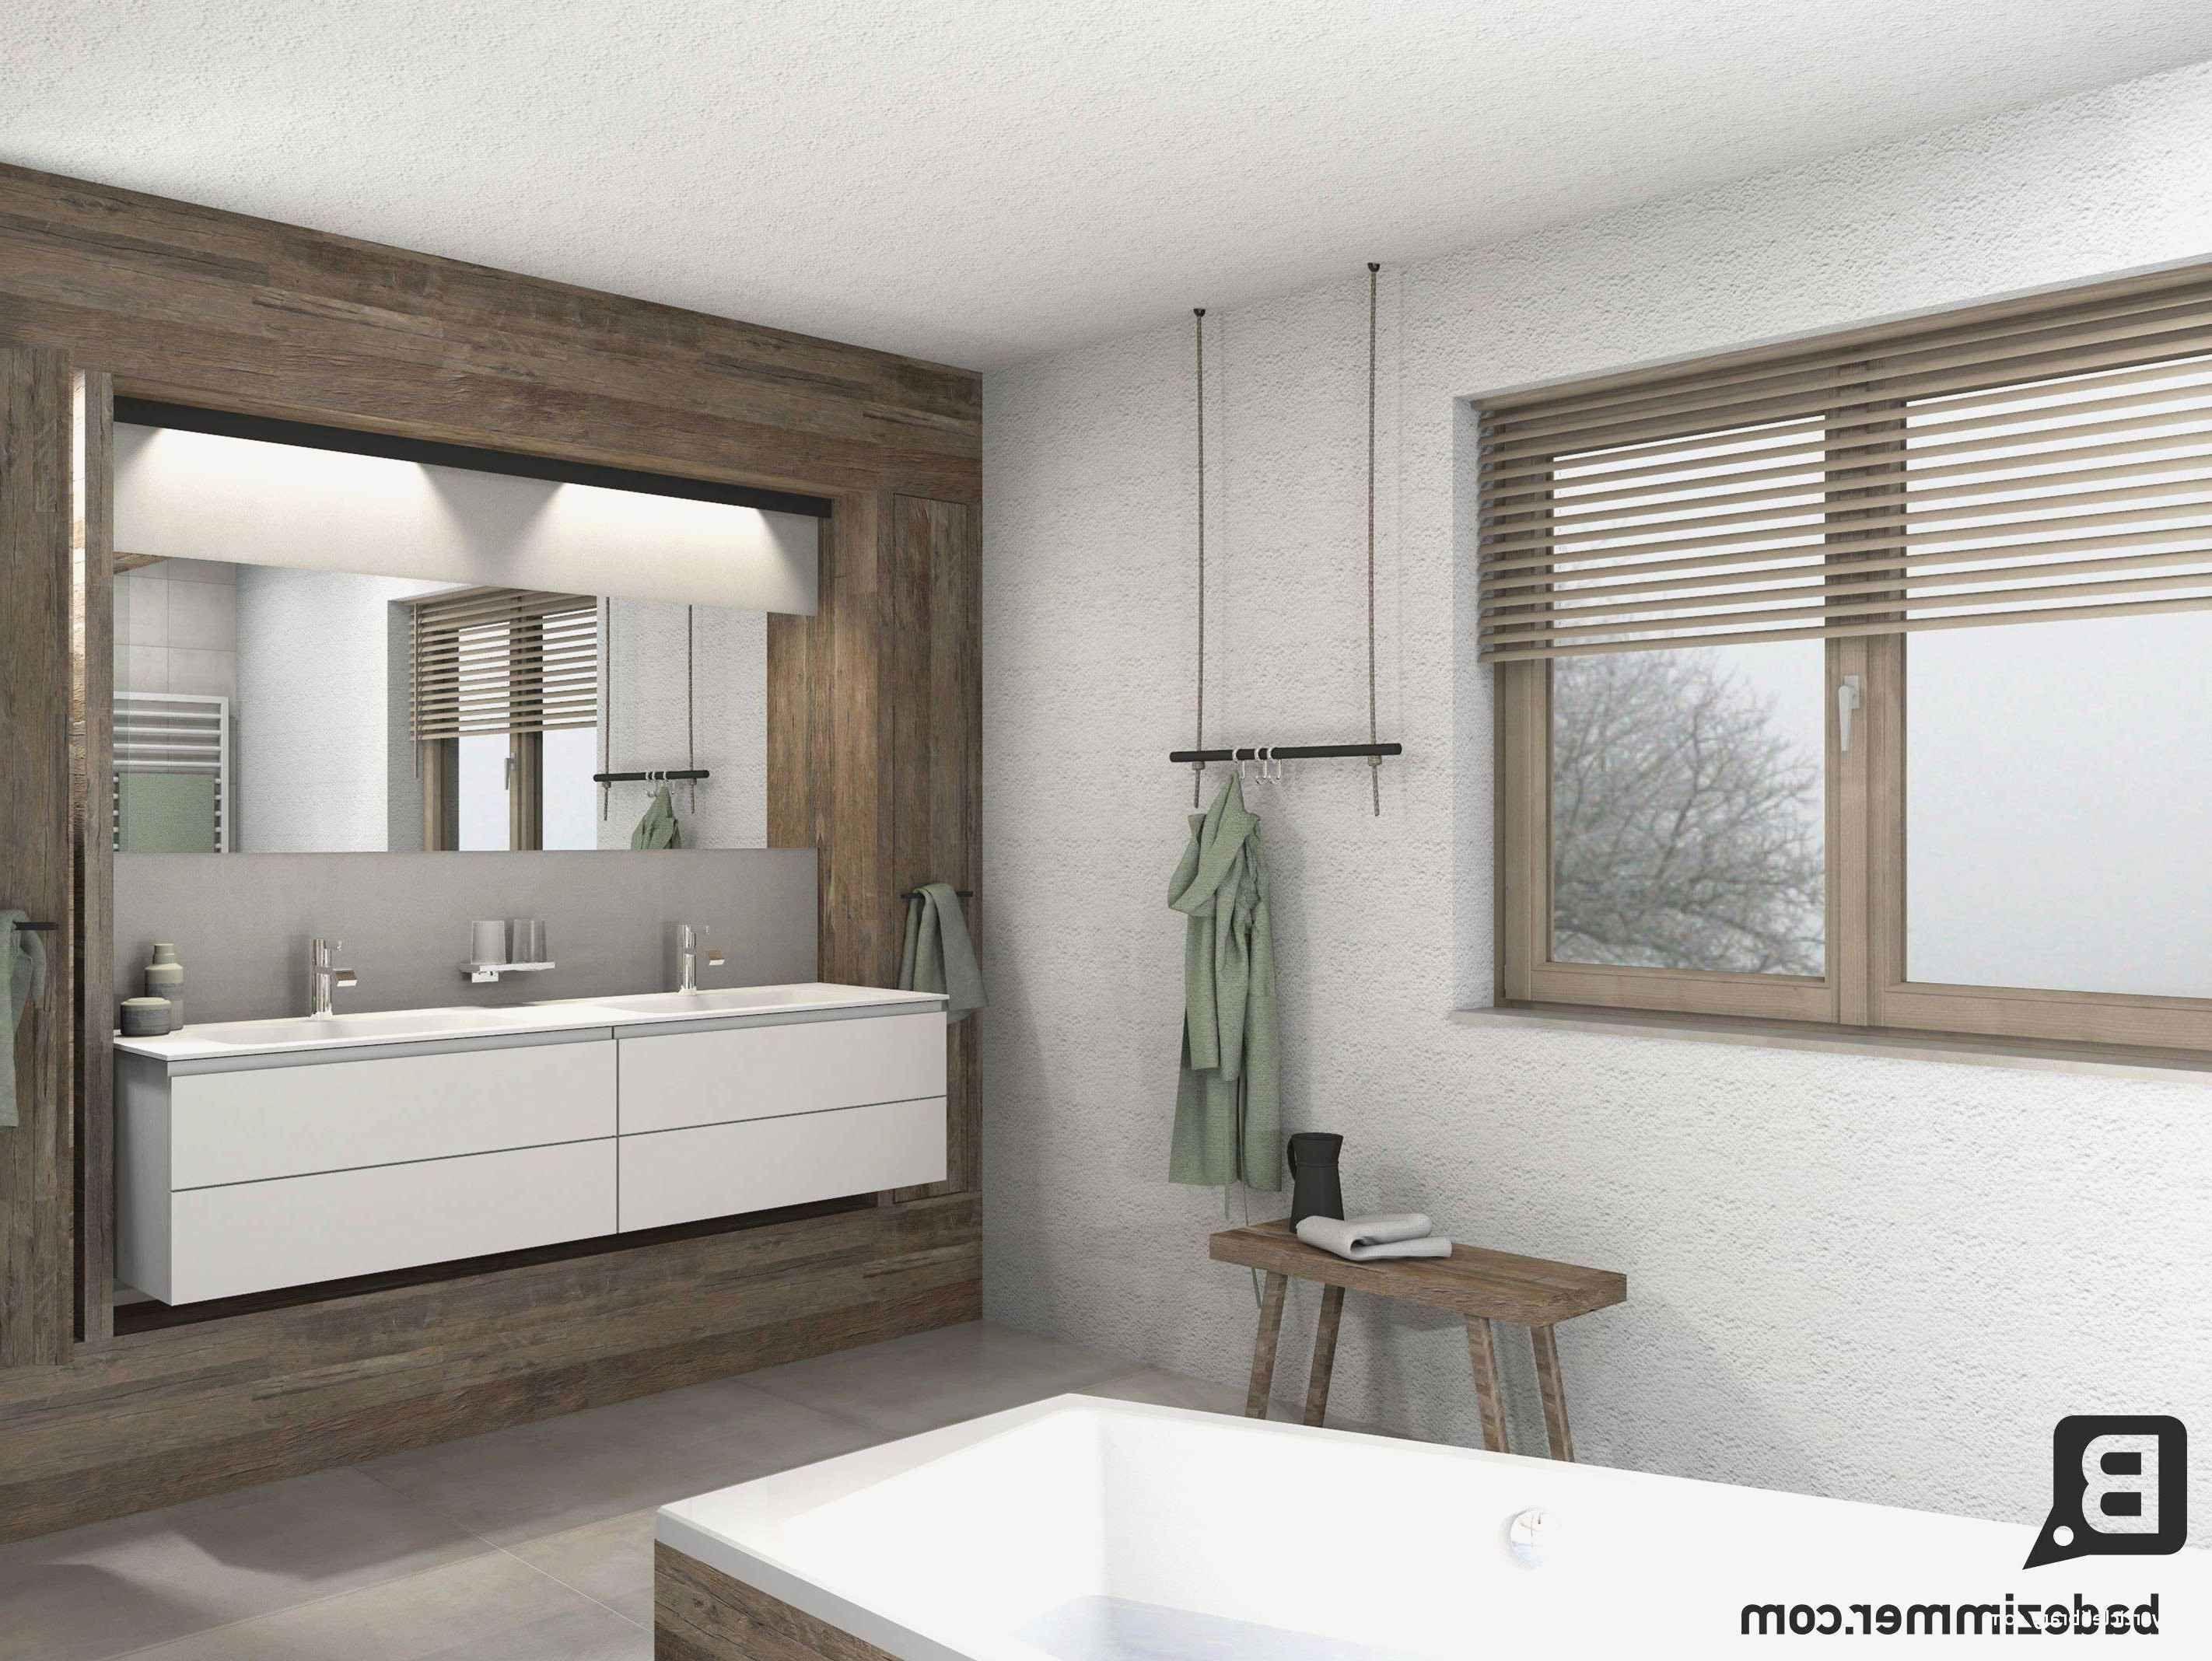 Ideen Fur Ein Neues Badezimmer Modernes Badezimmer Ideen Zur